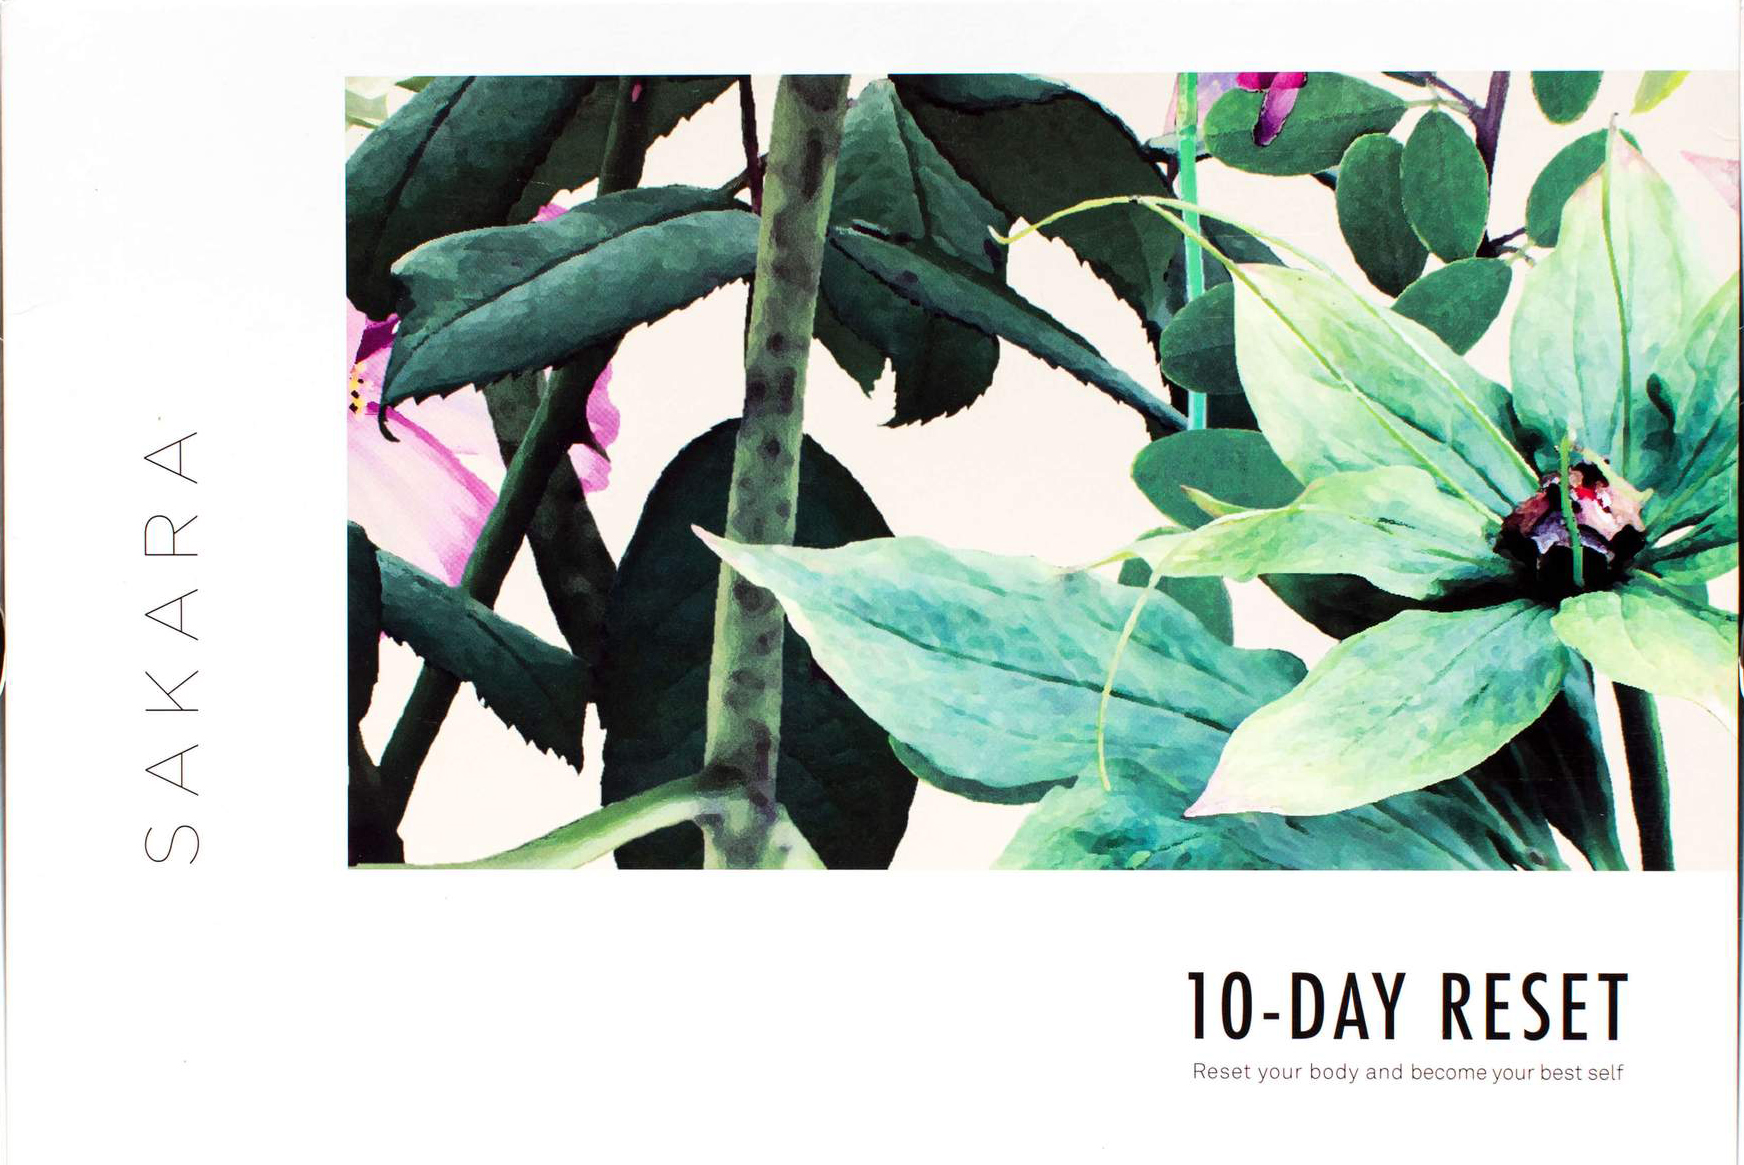 SAKARA 10-Day Reset – DIY Detox